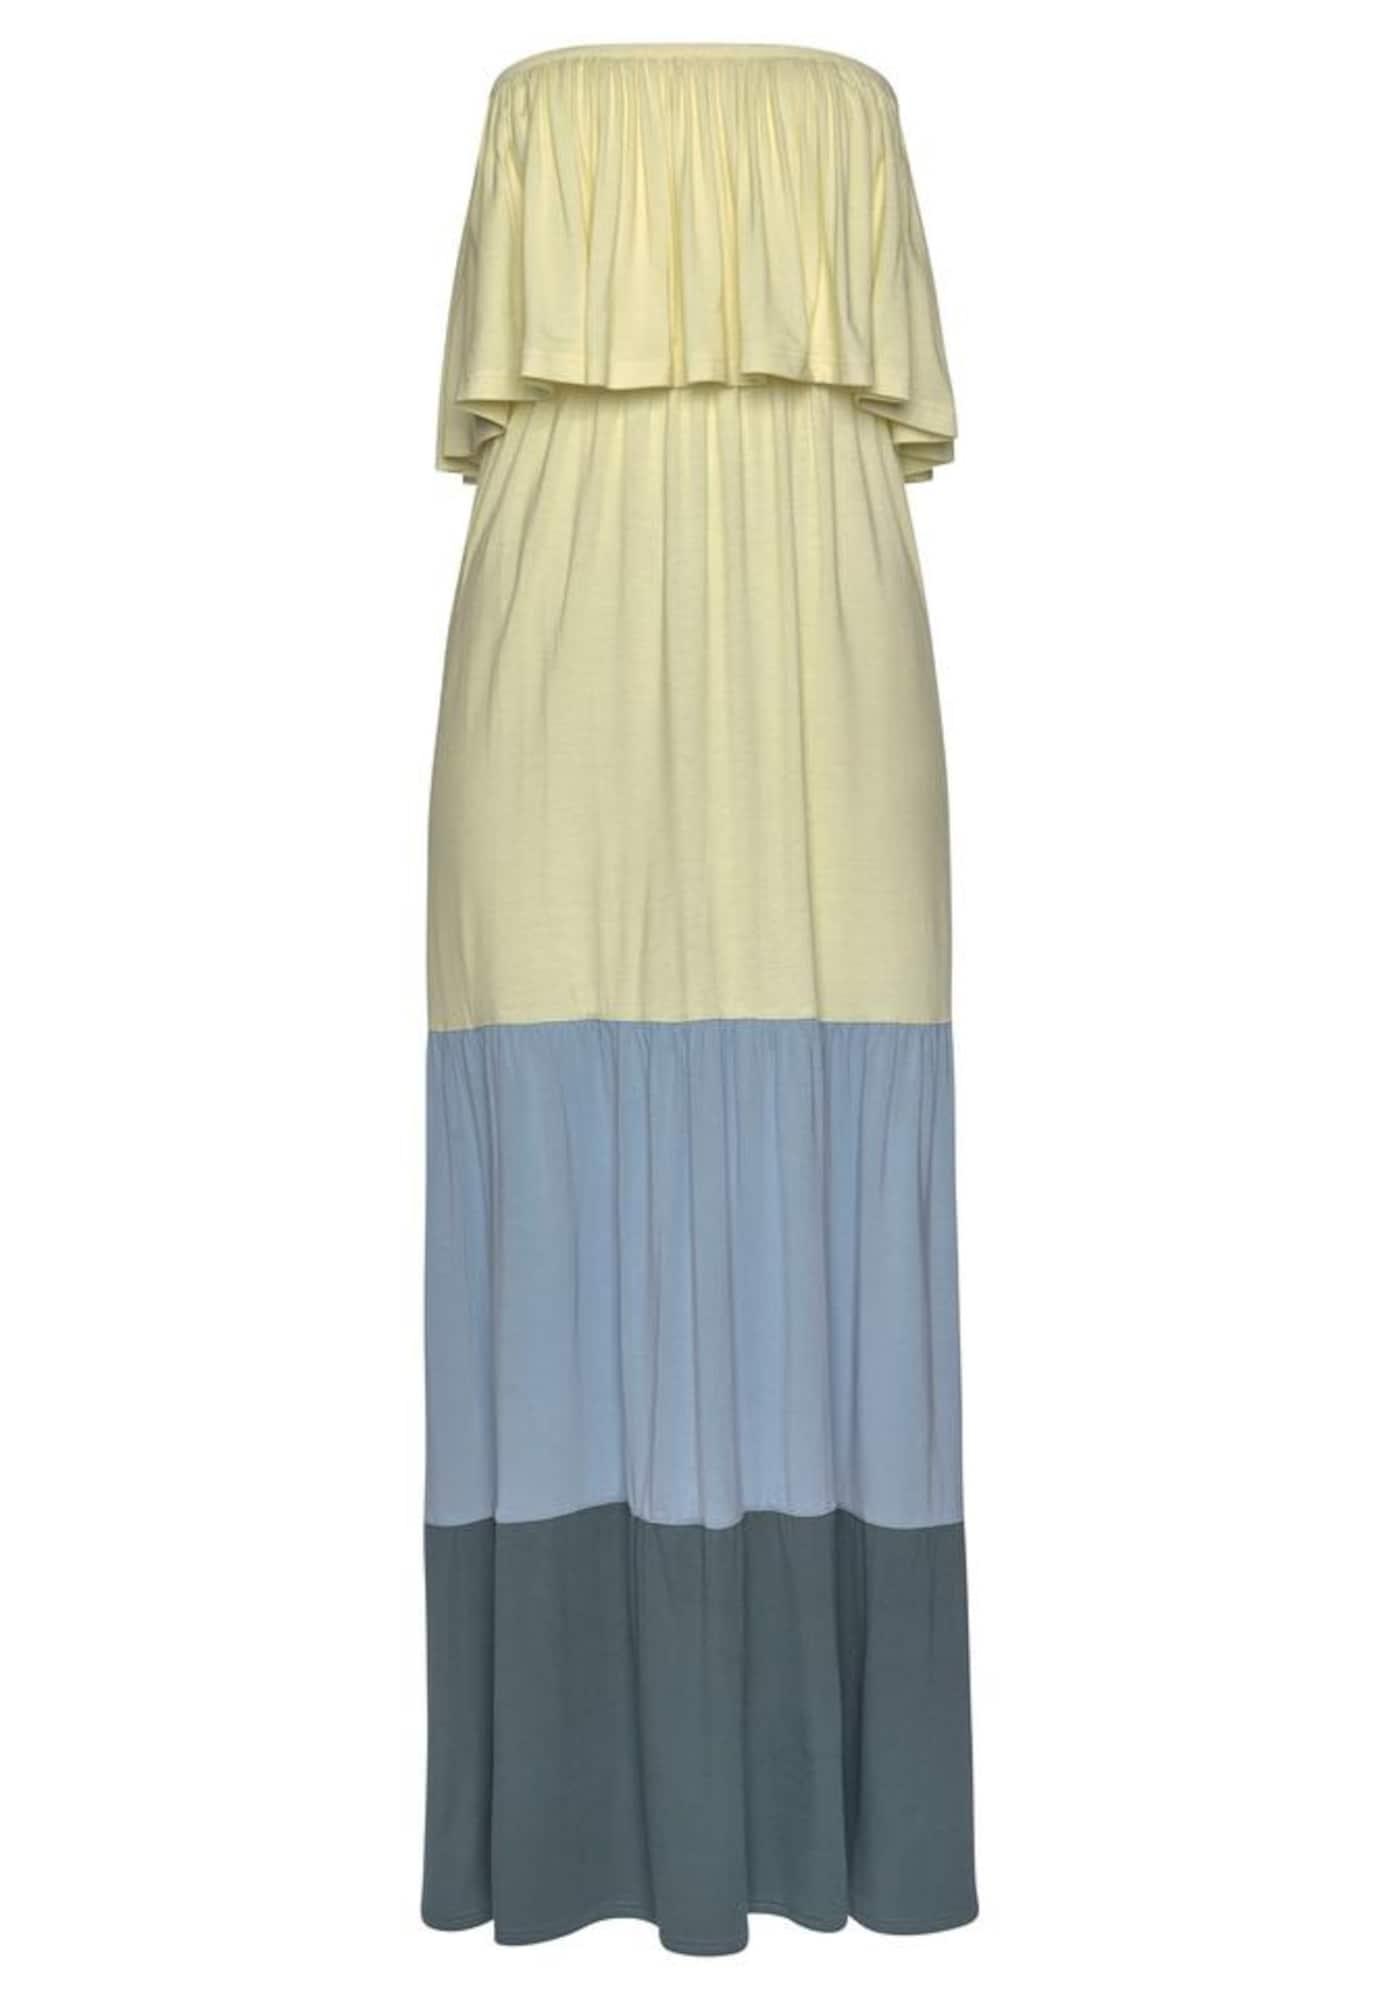 LASCANA Paplūdimio suknelė įdegio spalva / pastelinė geltona / mėlyna dūmų spalva